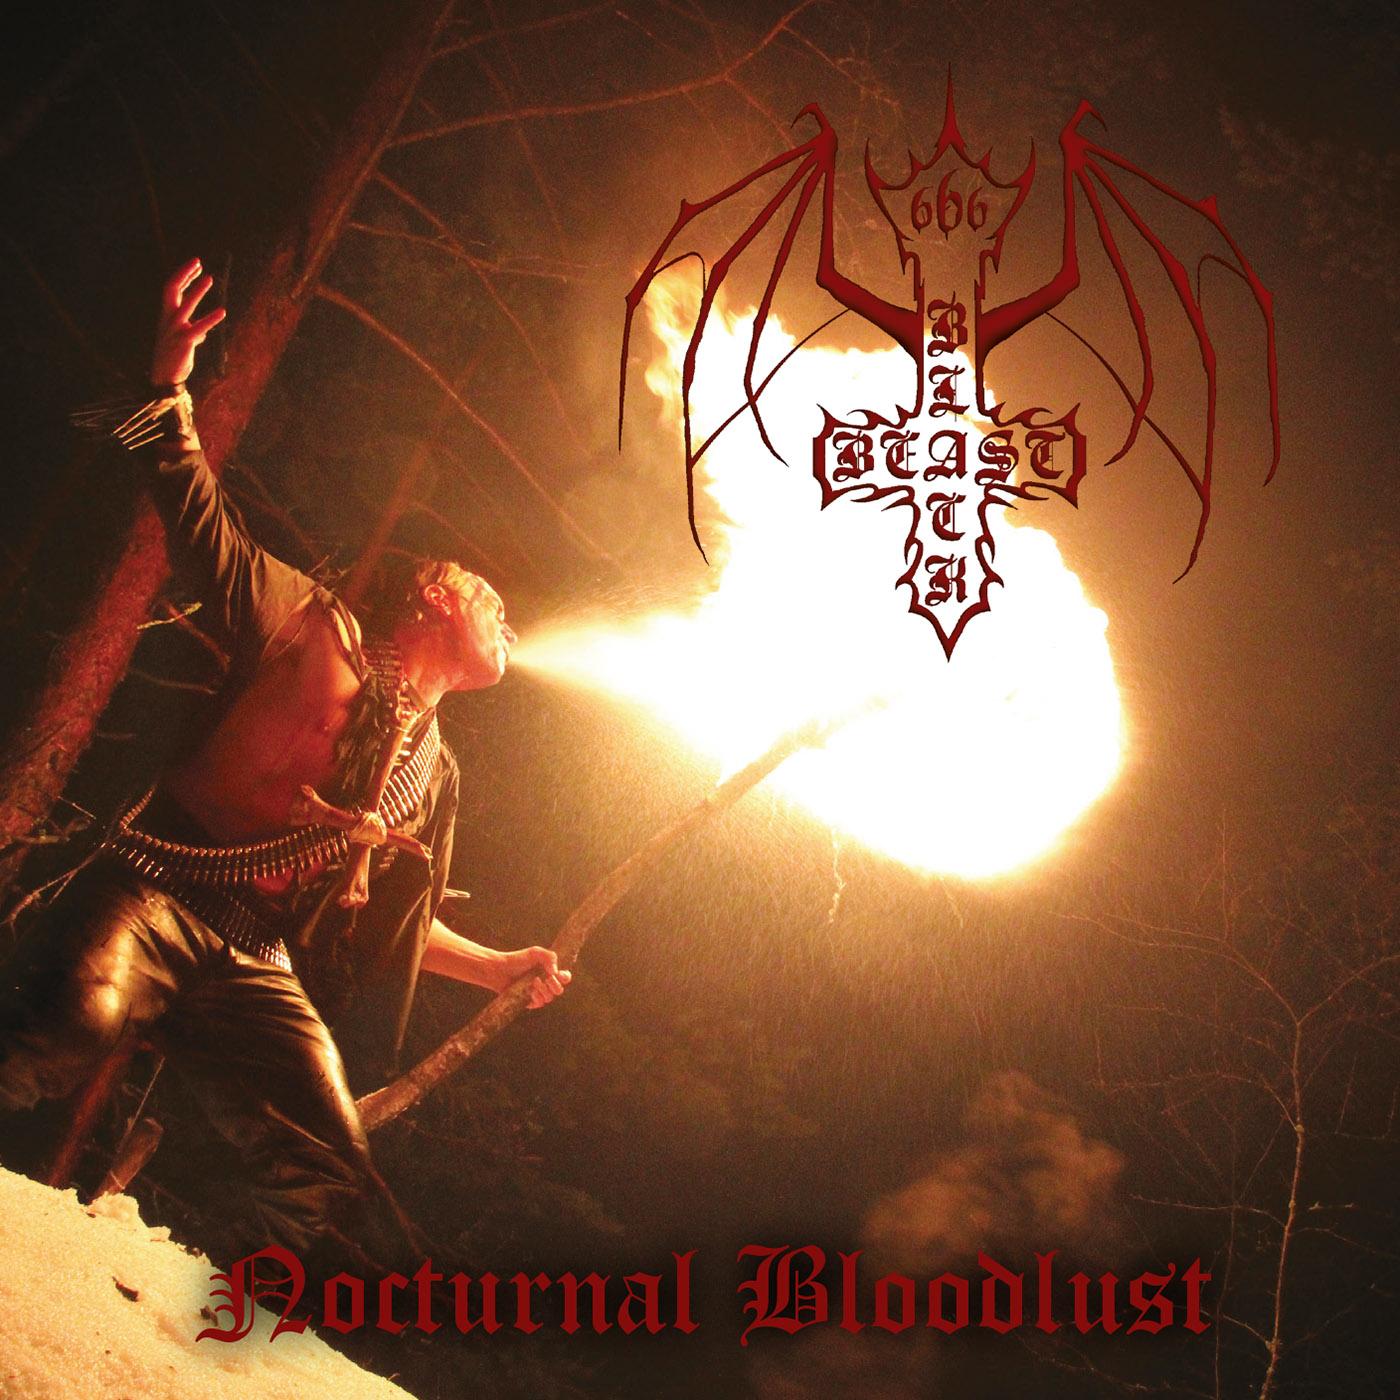 Black Beast - Nocturnal Bloodlust 01